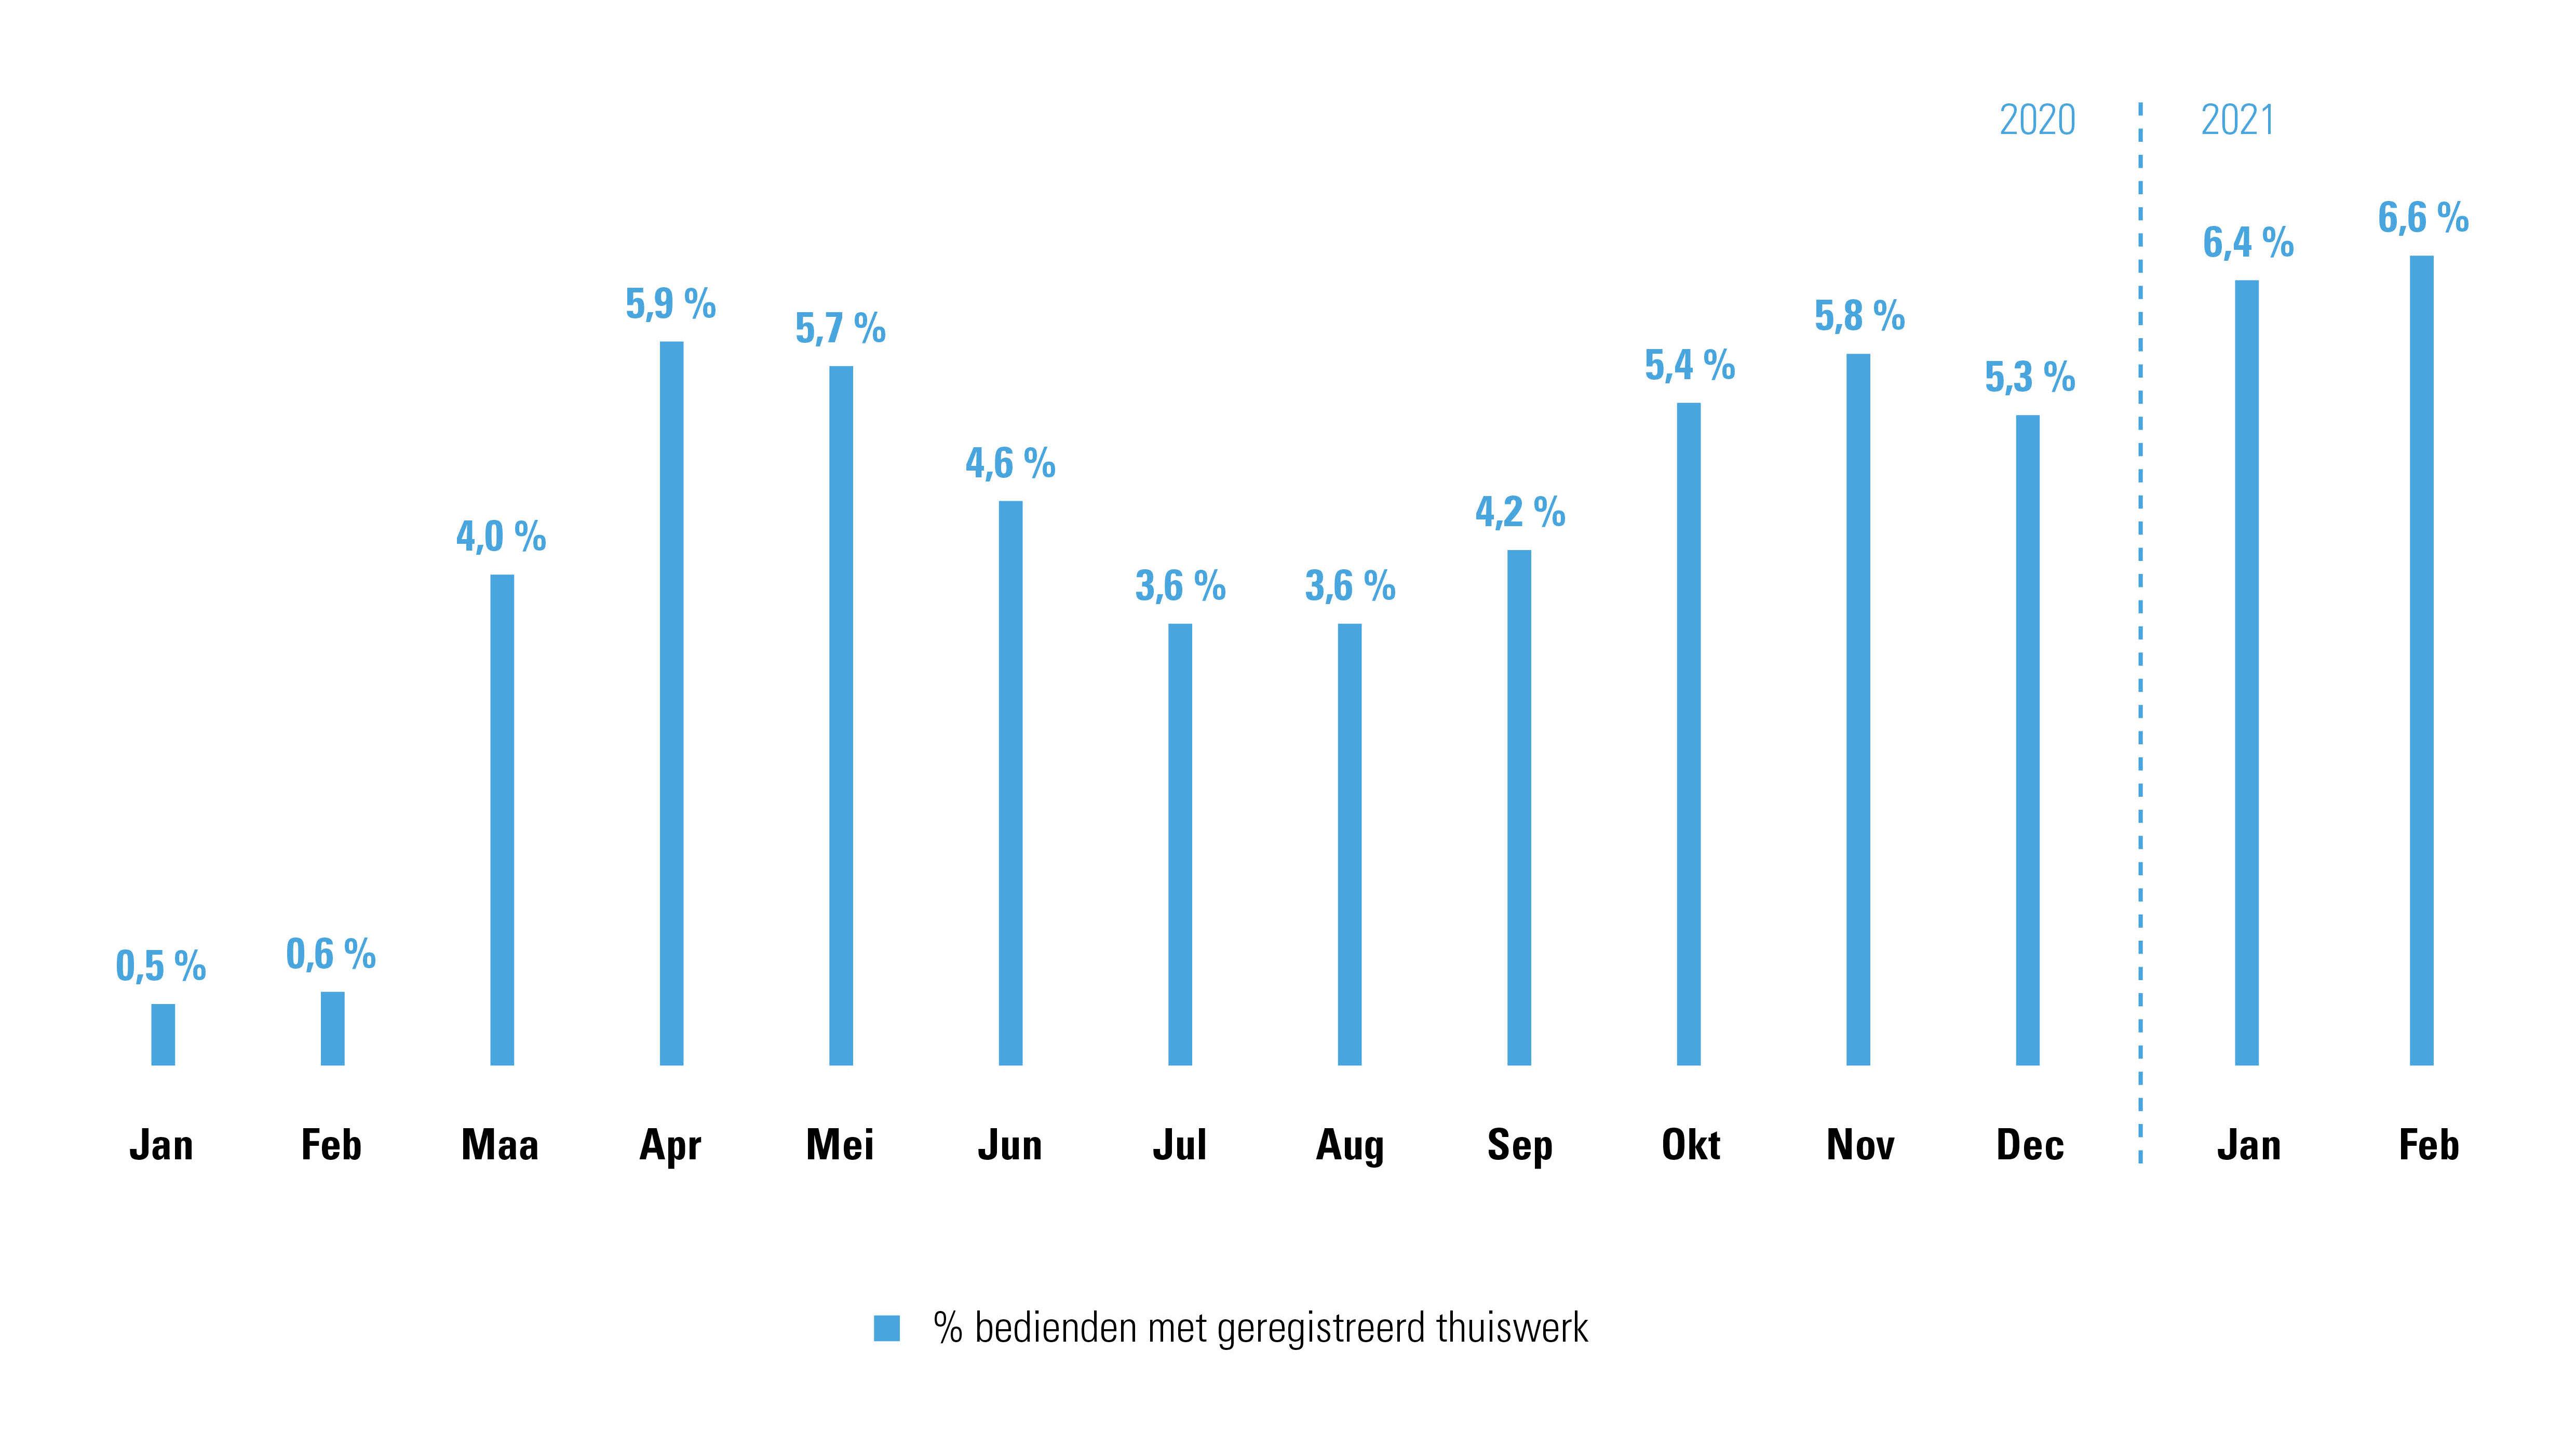 Thuiswerkregistratie bedienden maand na maand